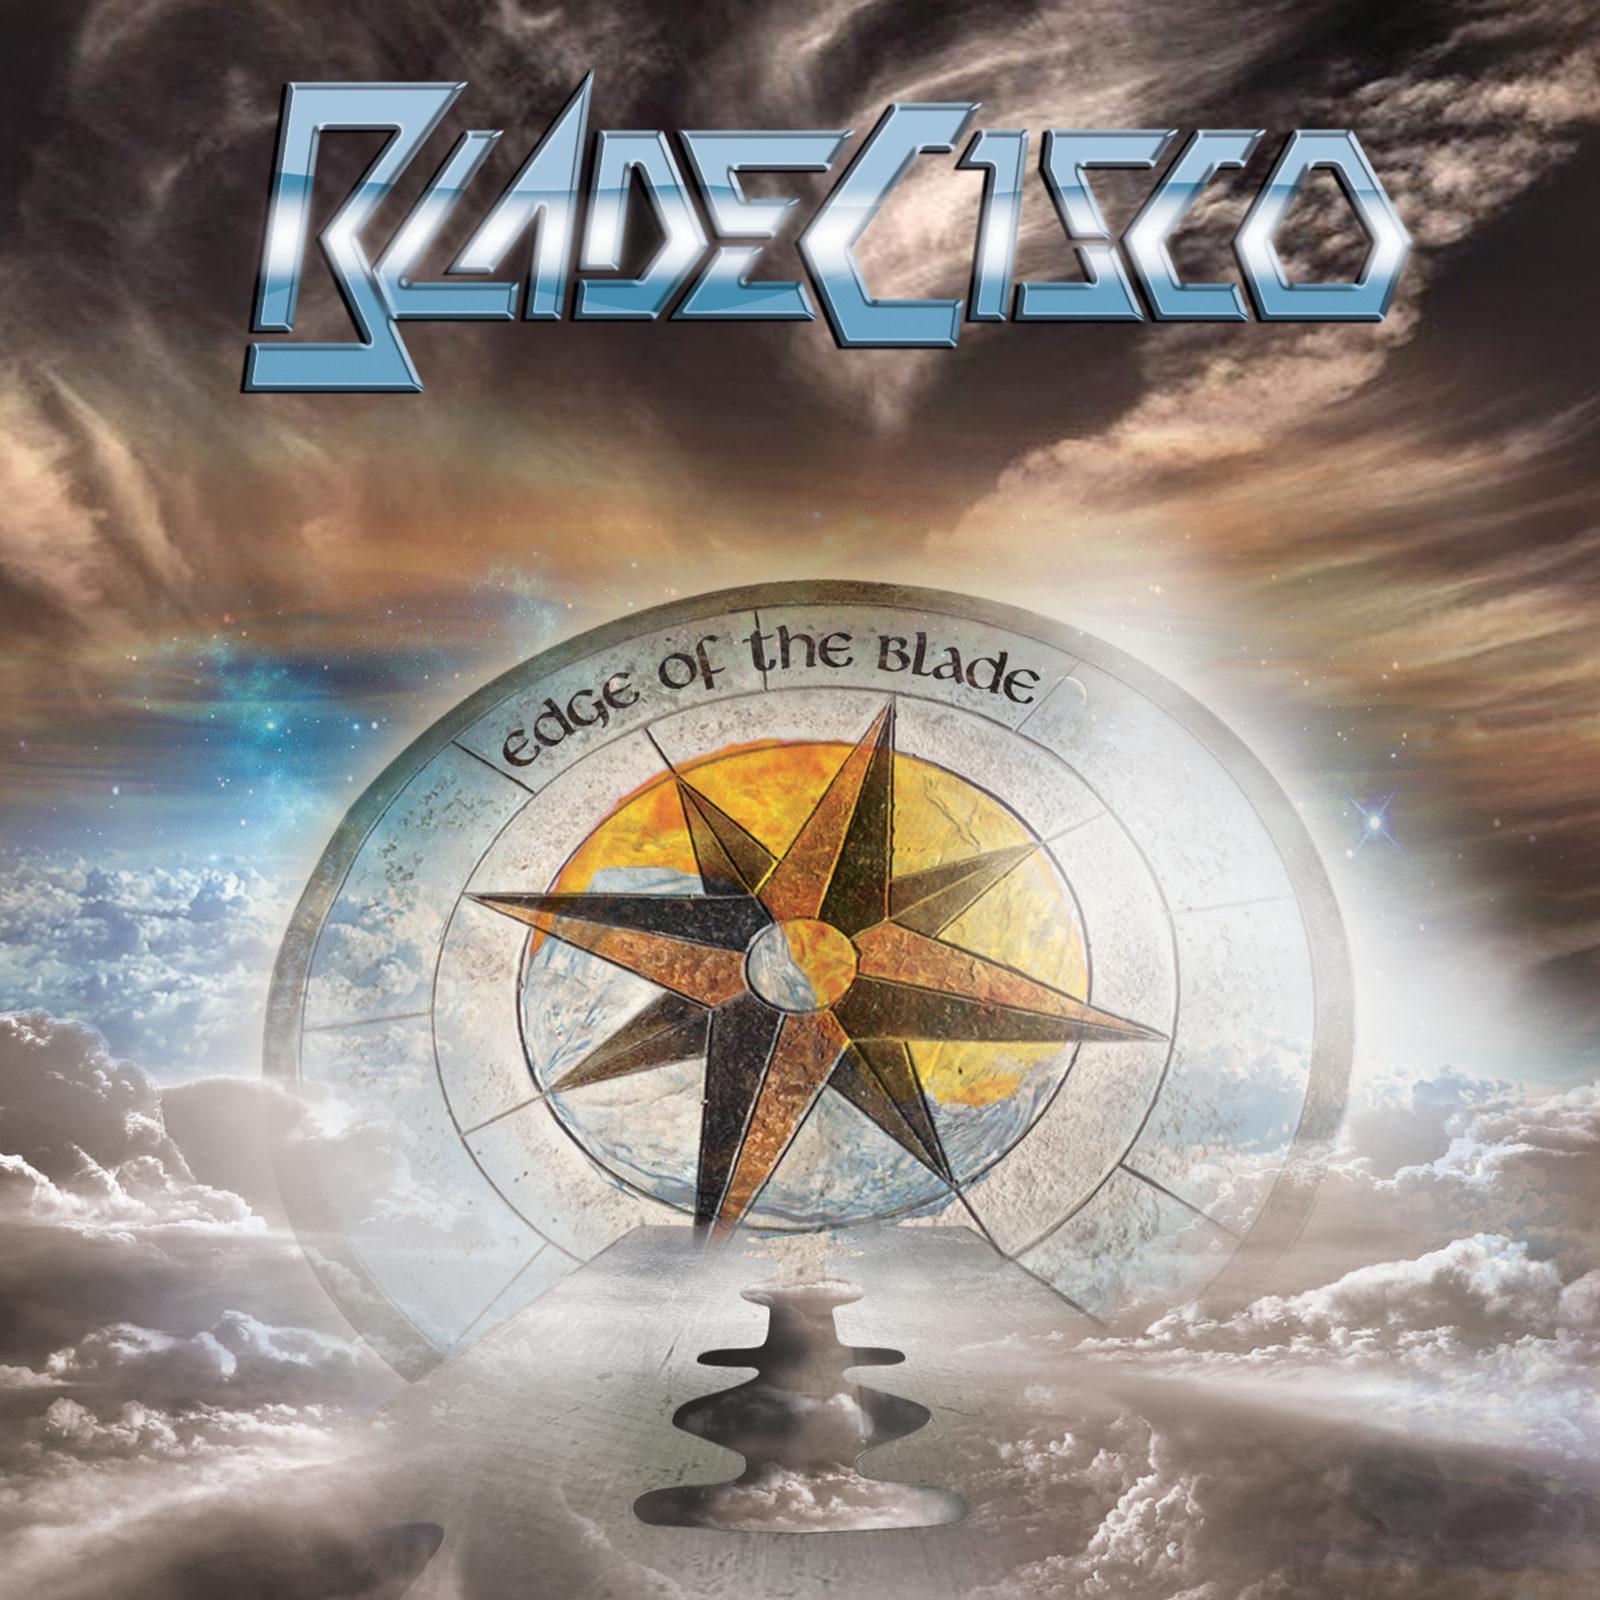 BLADE CISCO Edge Of The Blade Cover art